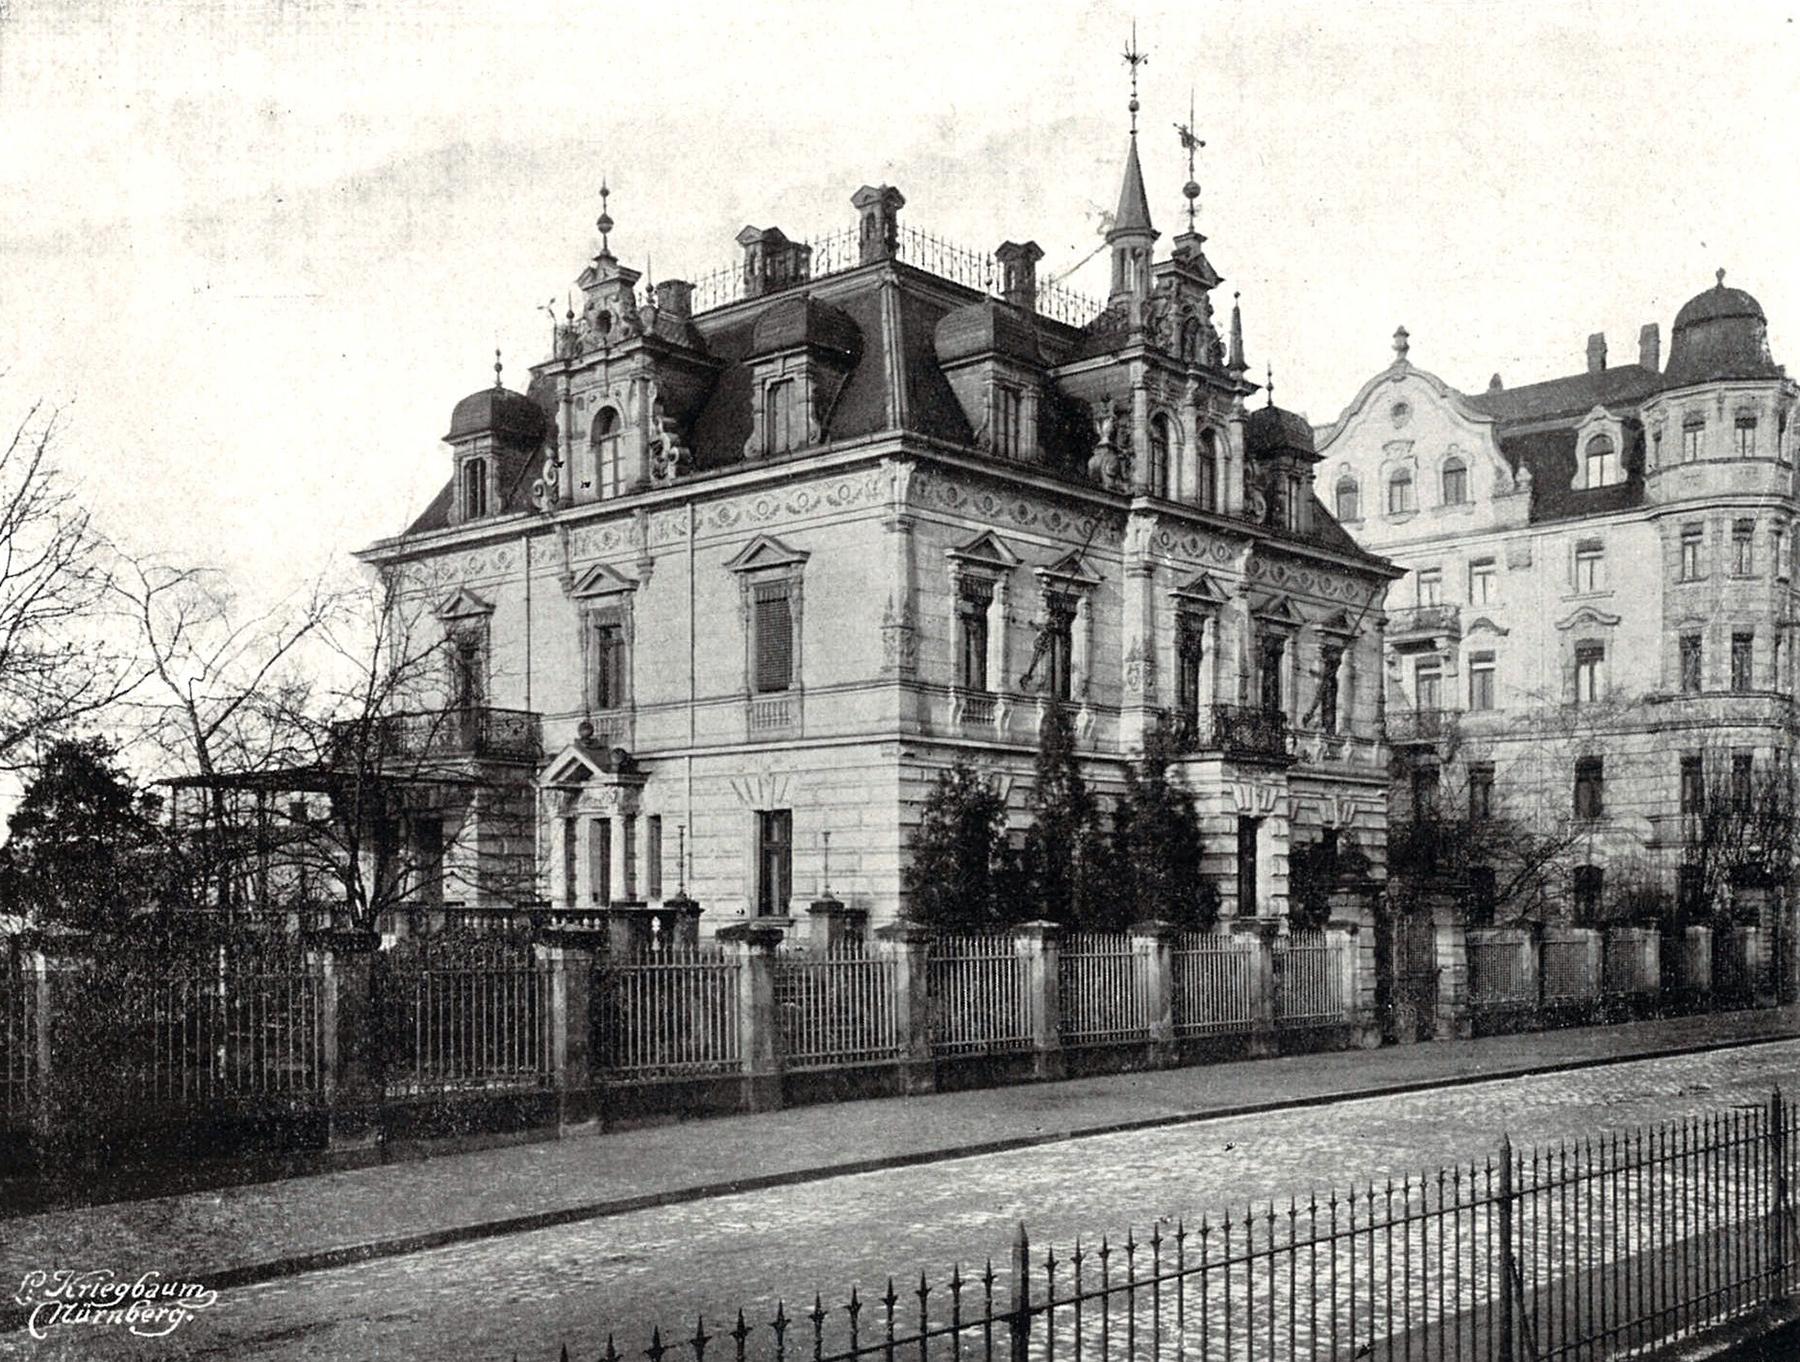 Villa Engelhardt an der Königswarterstraße 80 in Fürth, ca. 1909